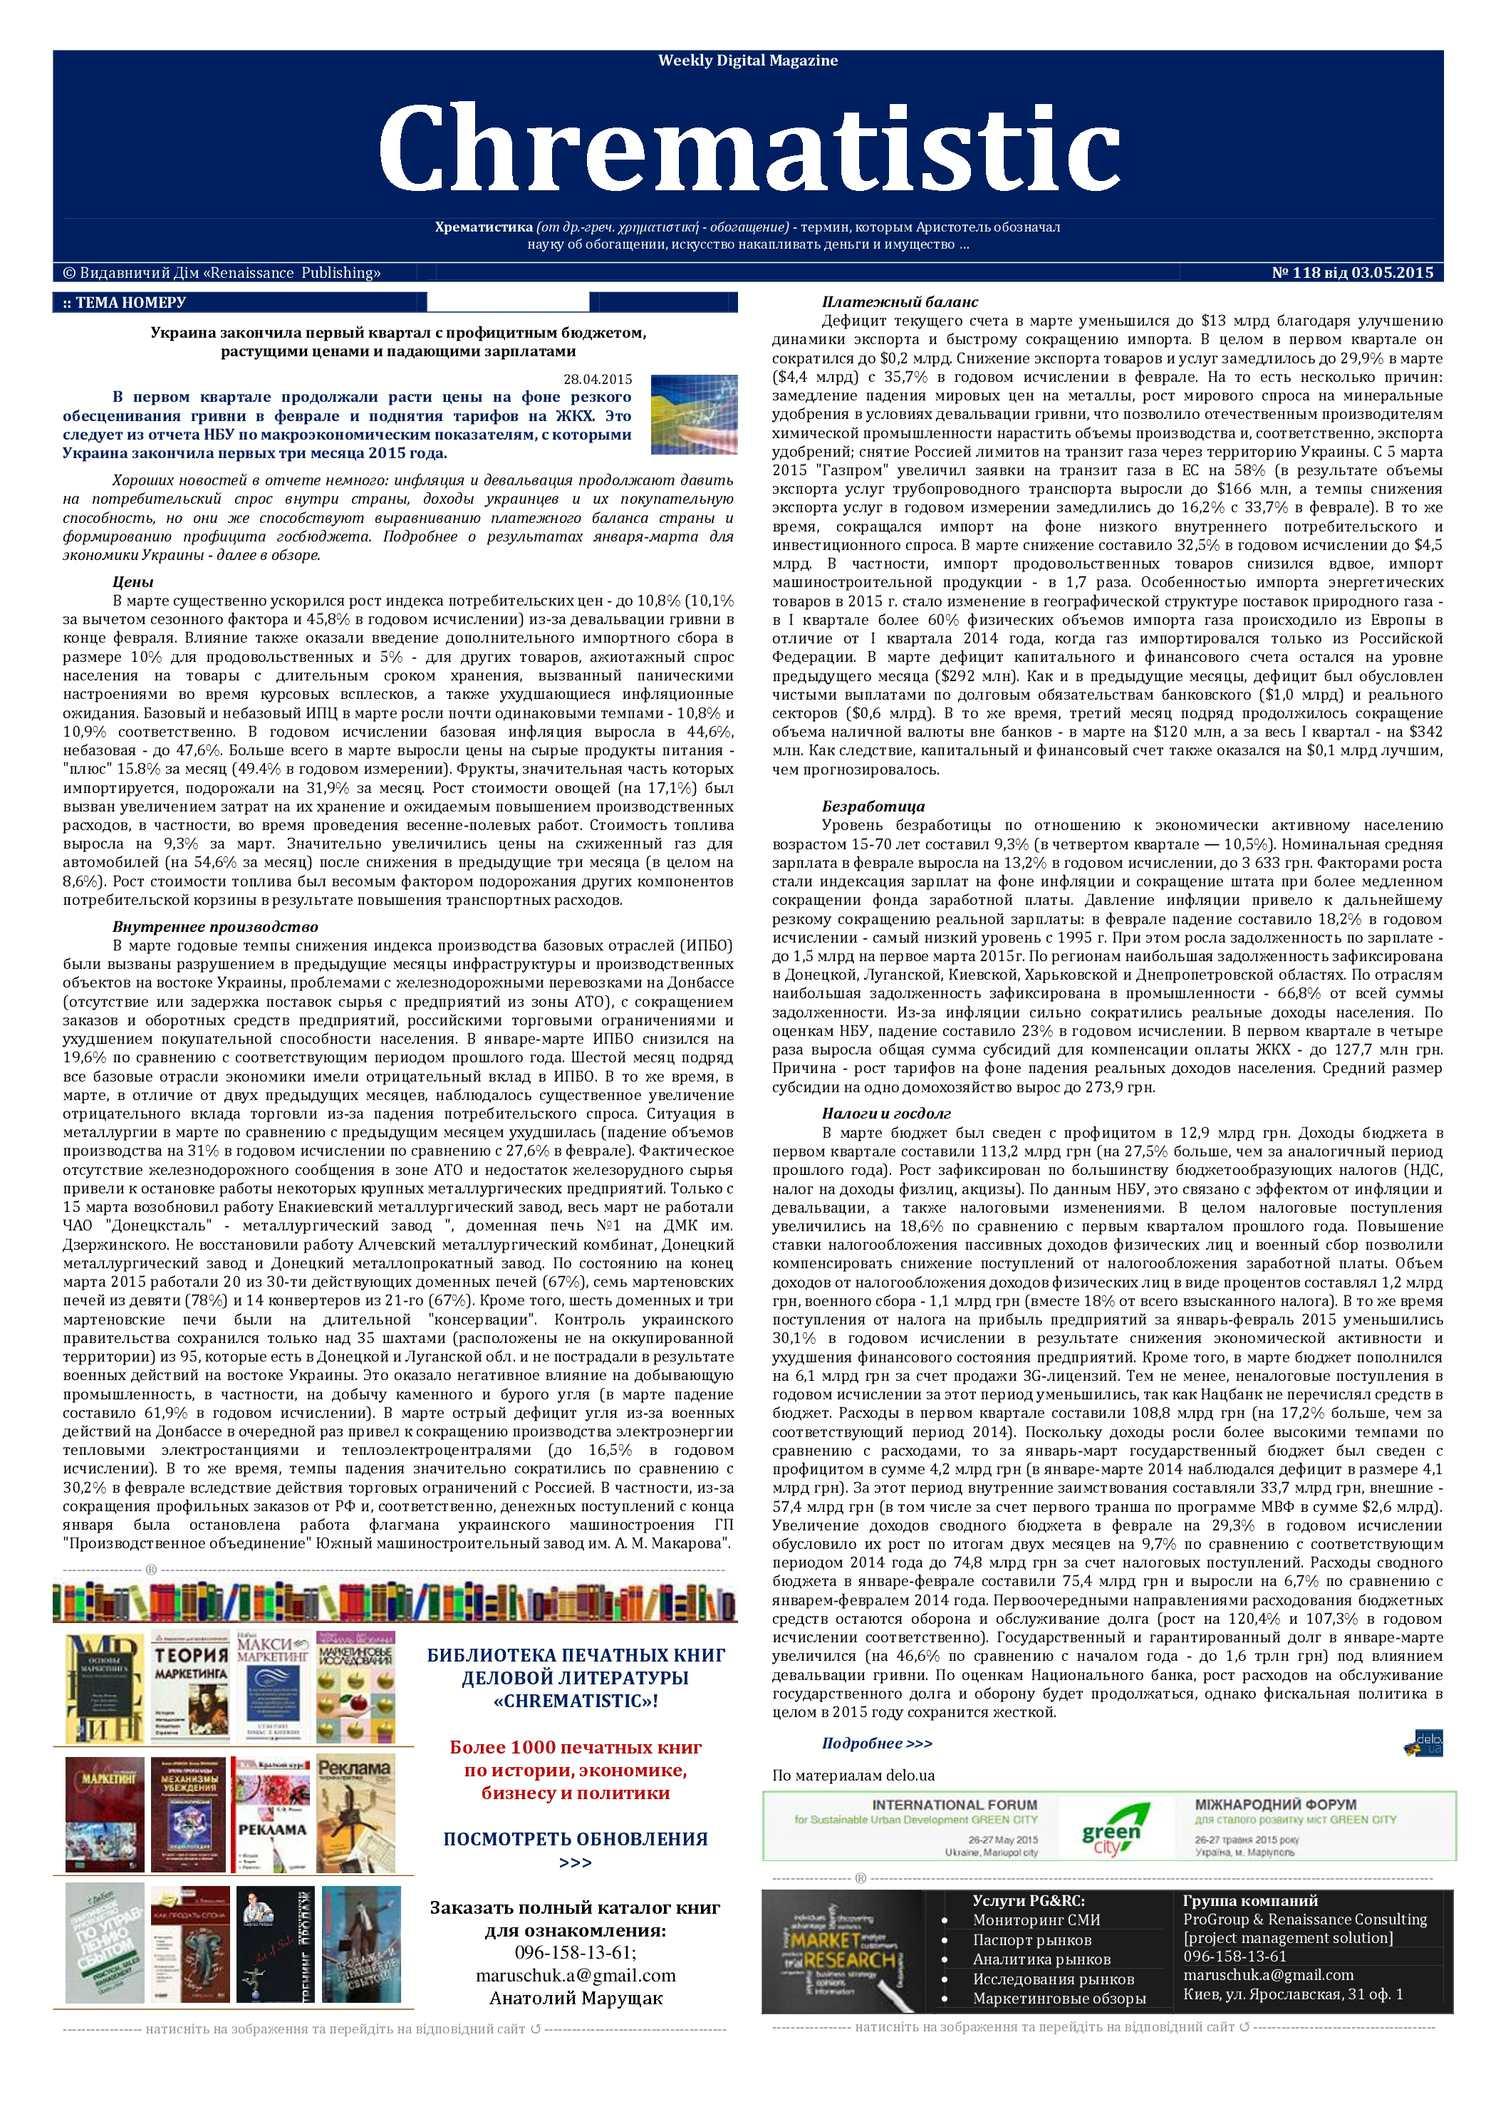 ed31354e54a5 Calaméo - №118 Wdm «Chrematistic» от 03 05 2015